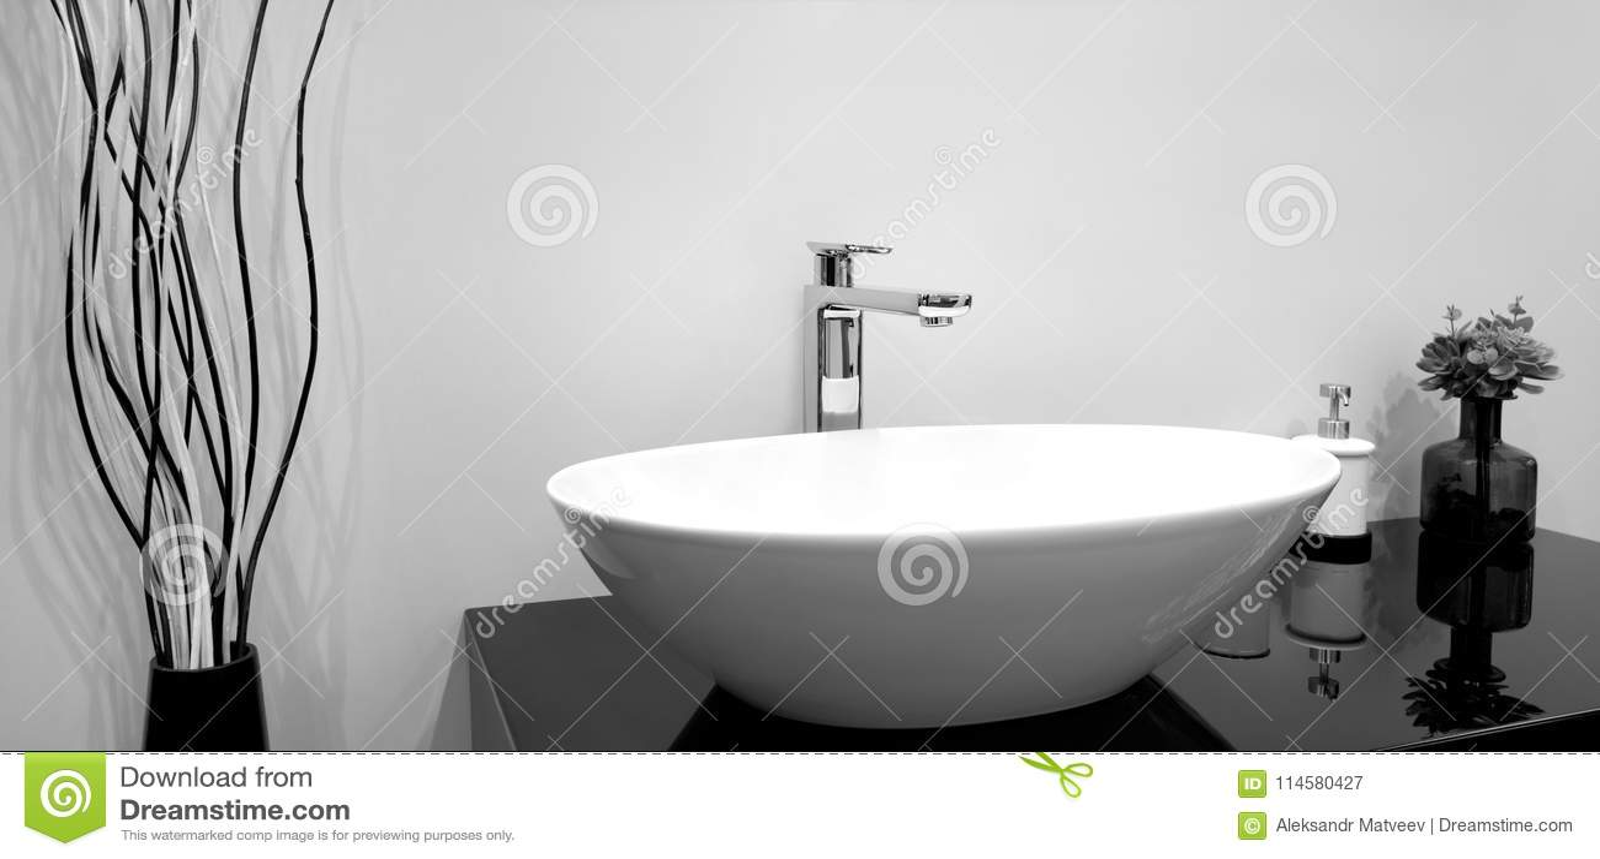 Bagno moderno grigio e bianco interno bagno bianco con un pavimento una vasca grigia un box - Miscelatore bagno moderno ...